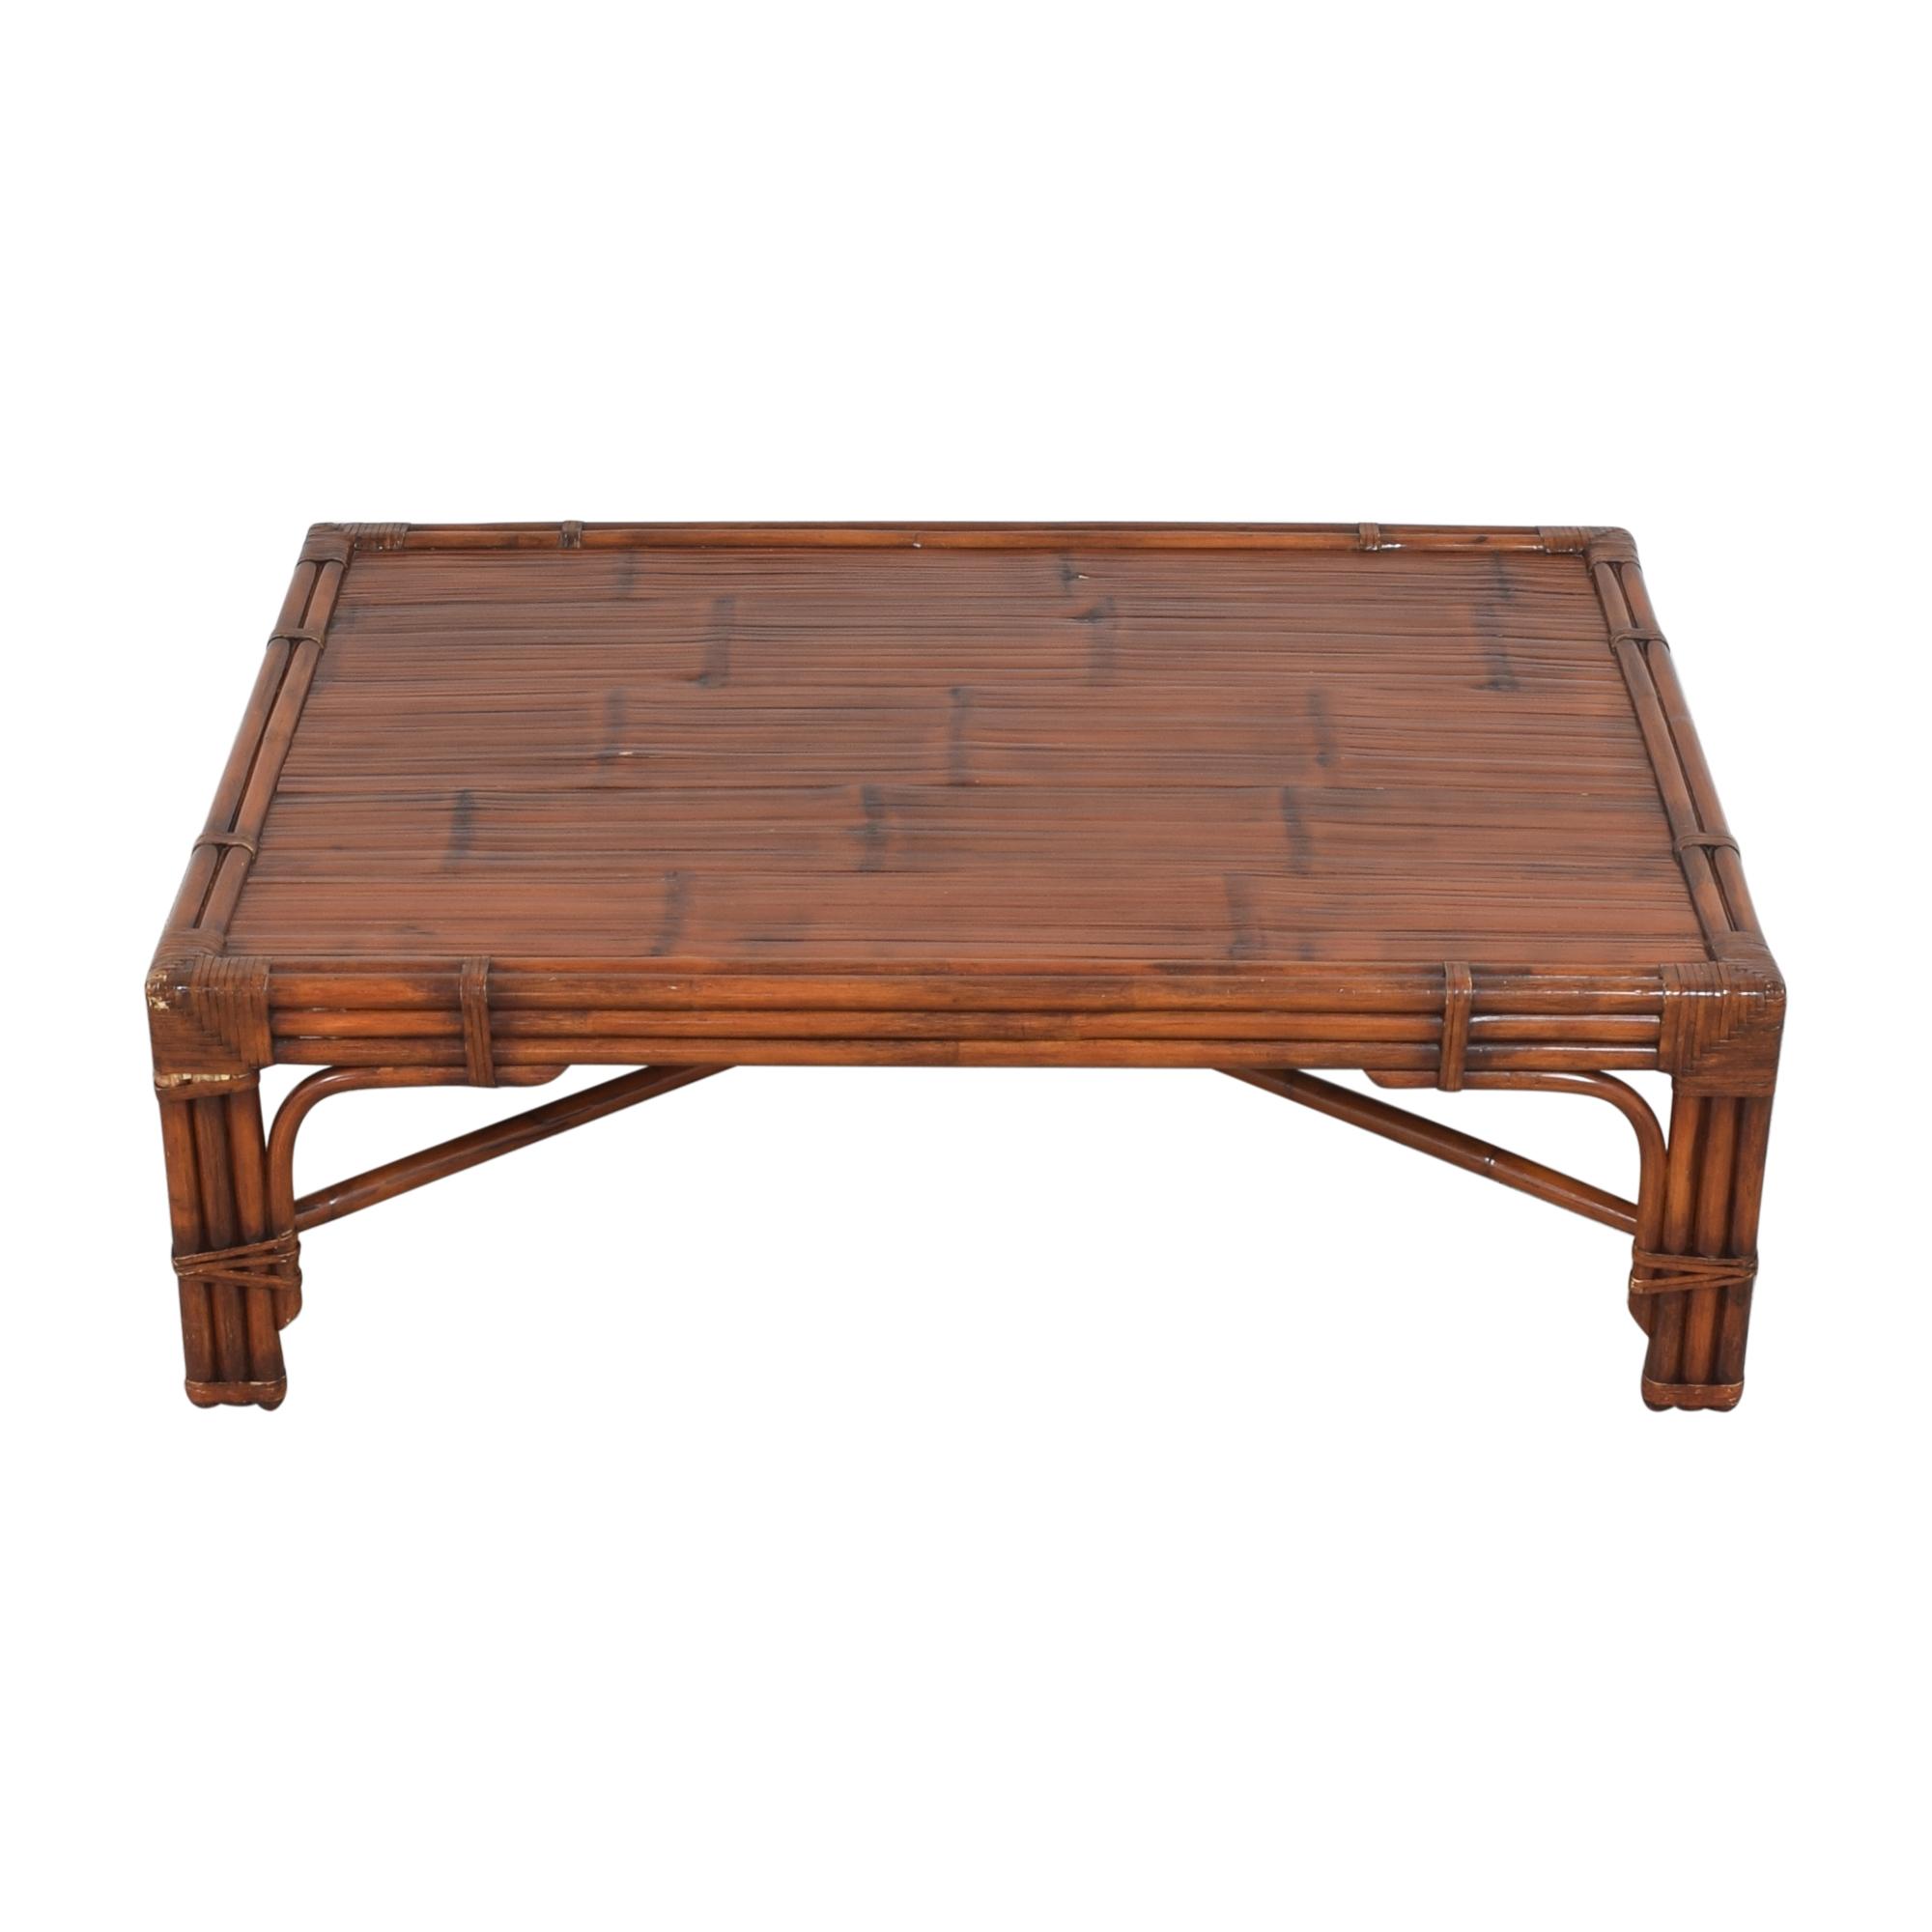 Ralph Lauren Home Ralph Lauren Home Coffee Table Tables